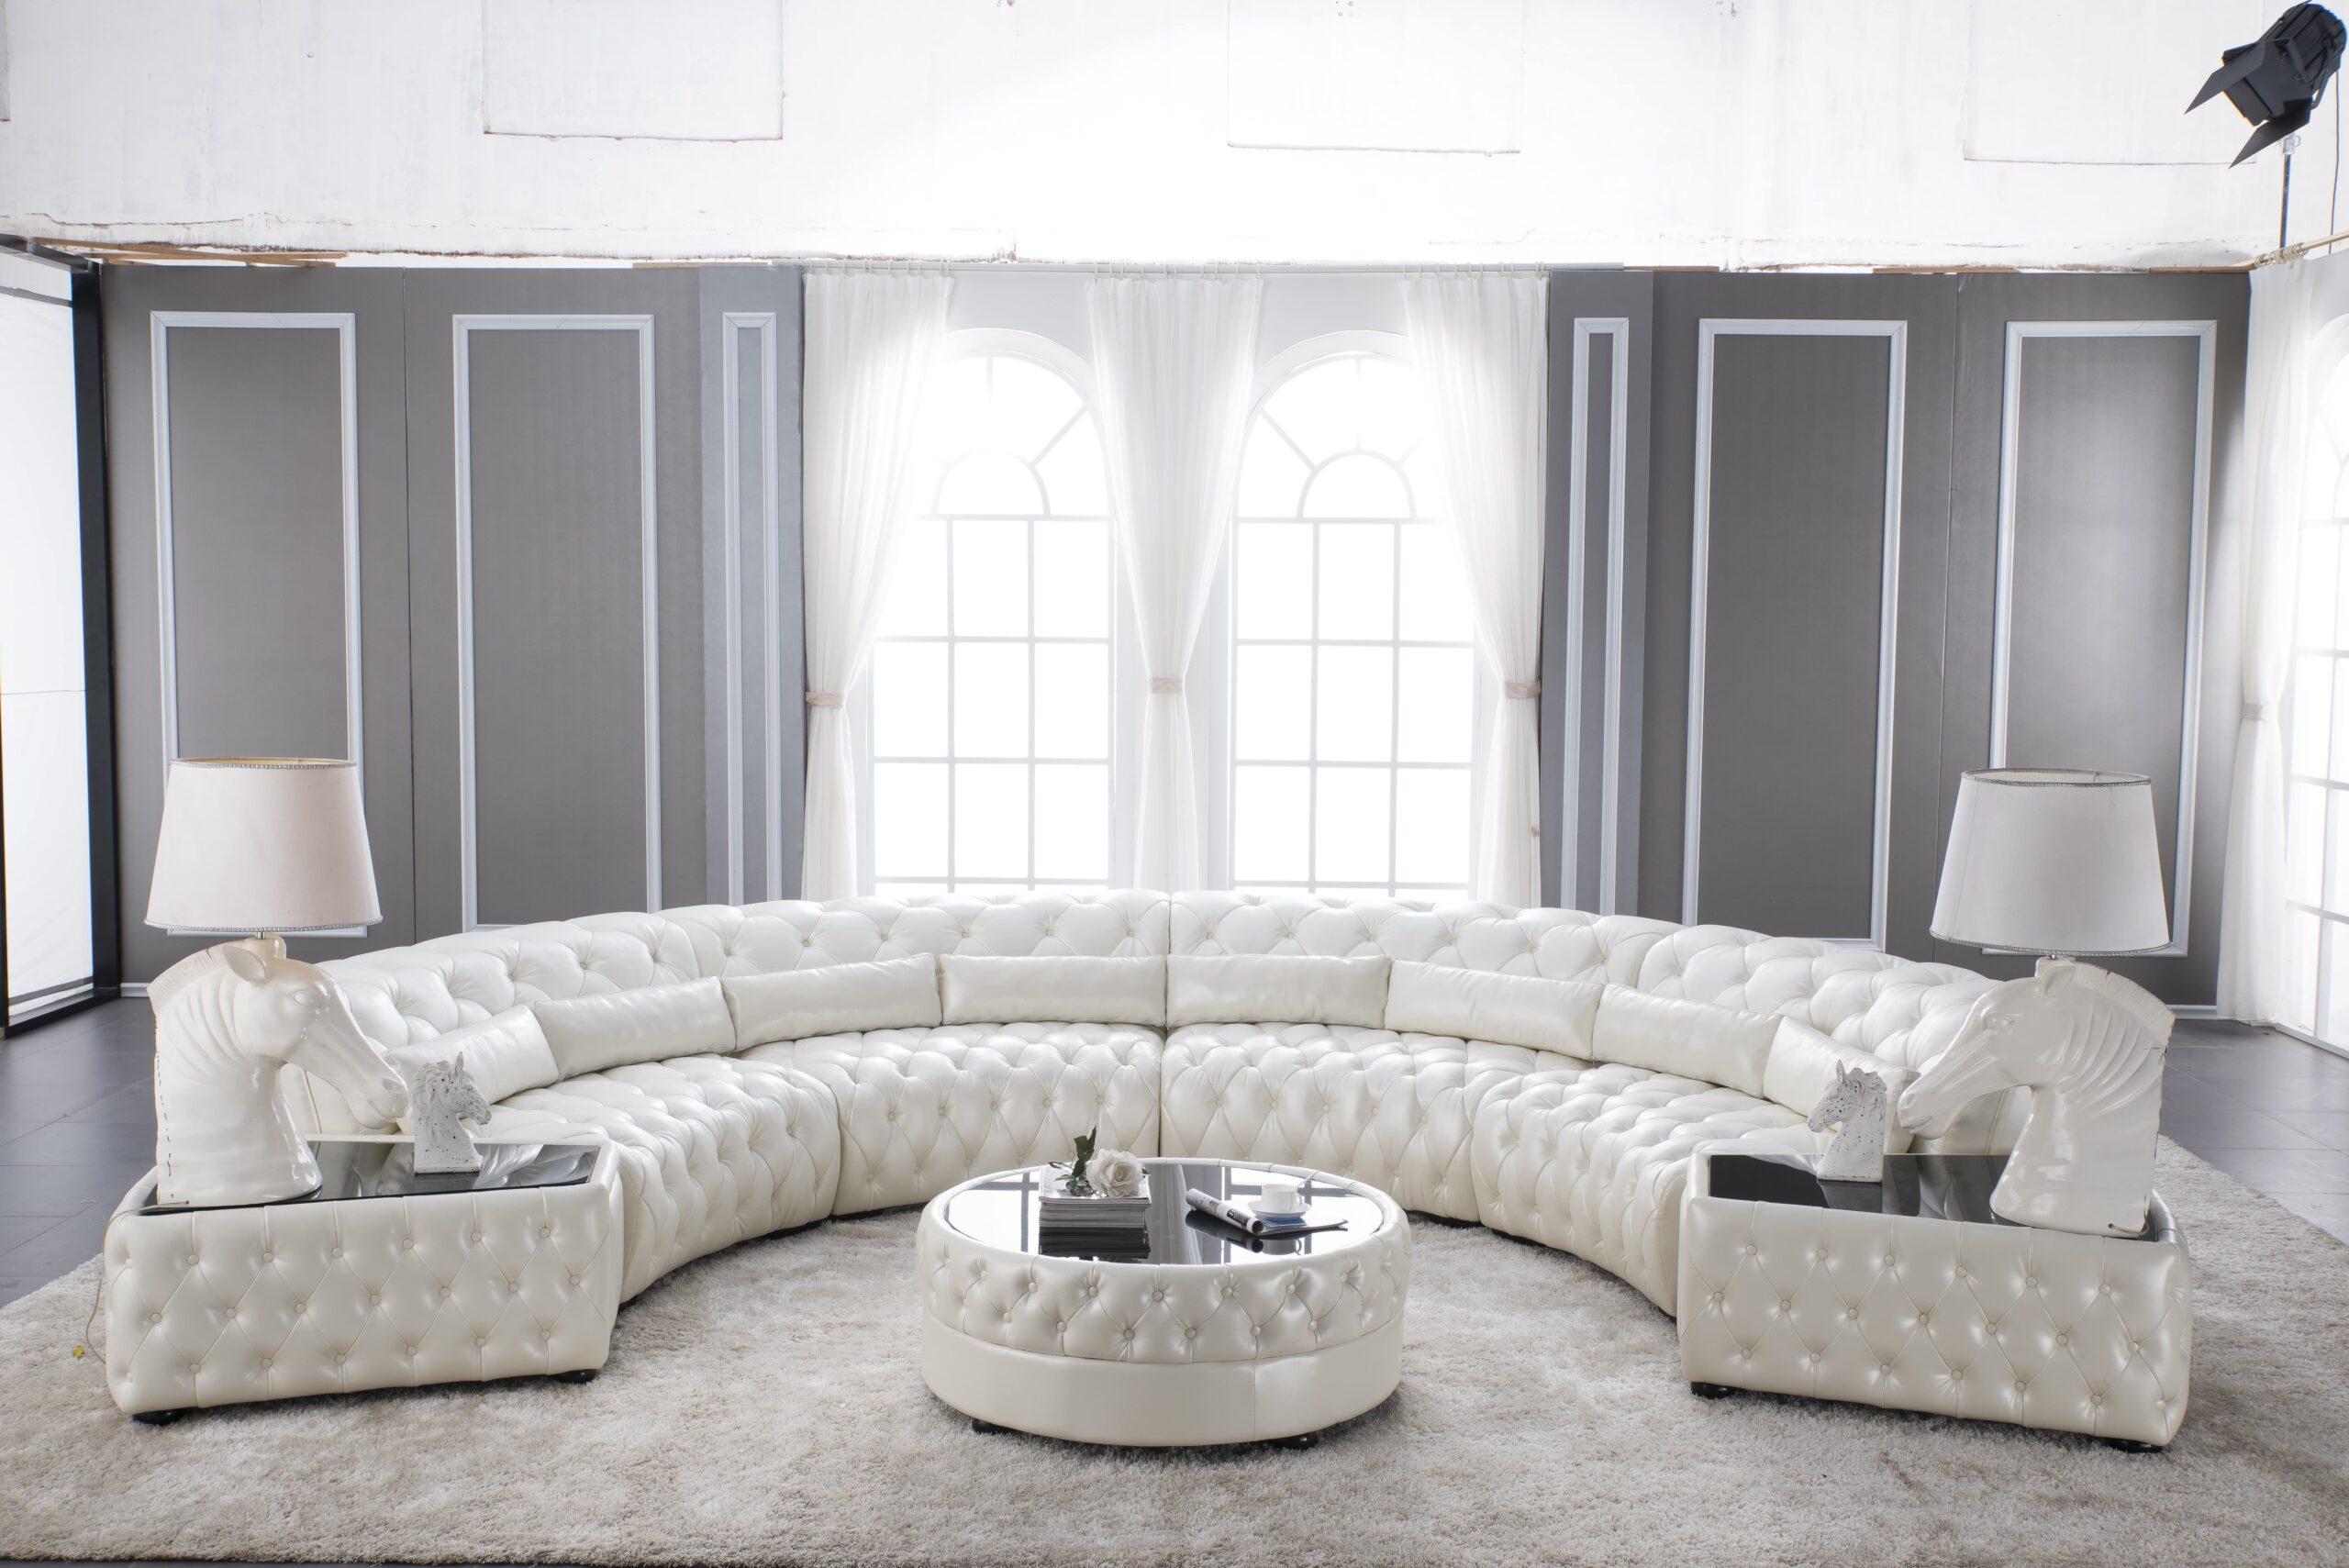 Full Size of Sofa 3 2 1 Sitzer Chesterfield Sitzsack Weißes Microfaser Mit Bettfunktion Blau Relaxfunktion Esszimmer Breit Big Braun Grau Günstig Kaufen Luxus Bett Mega Sofa Luxus Sofa